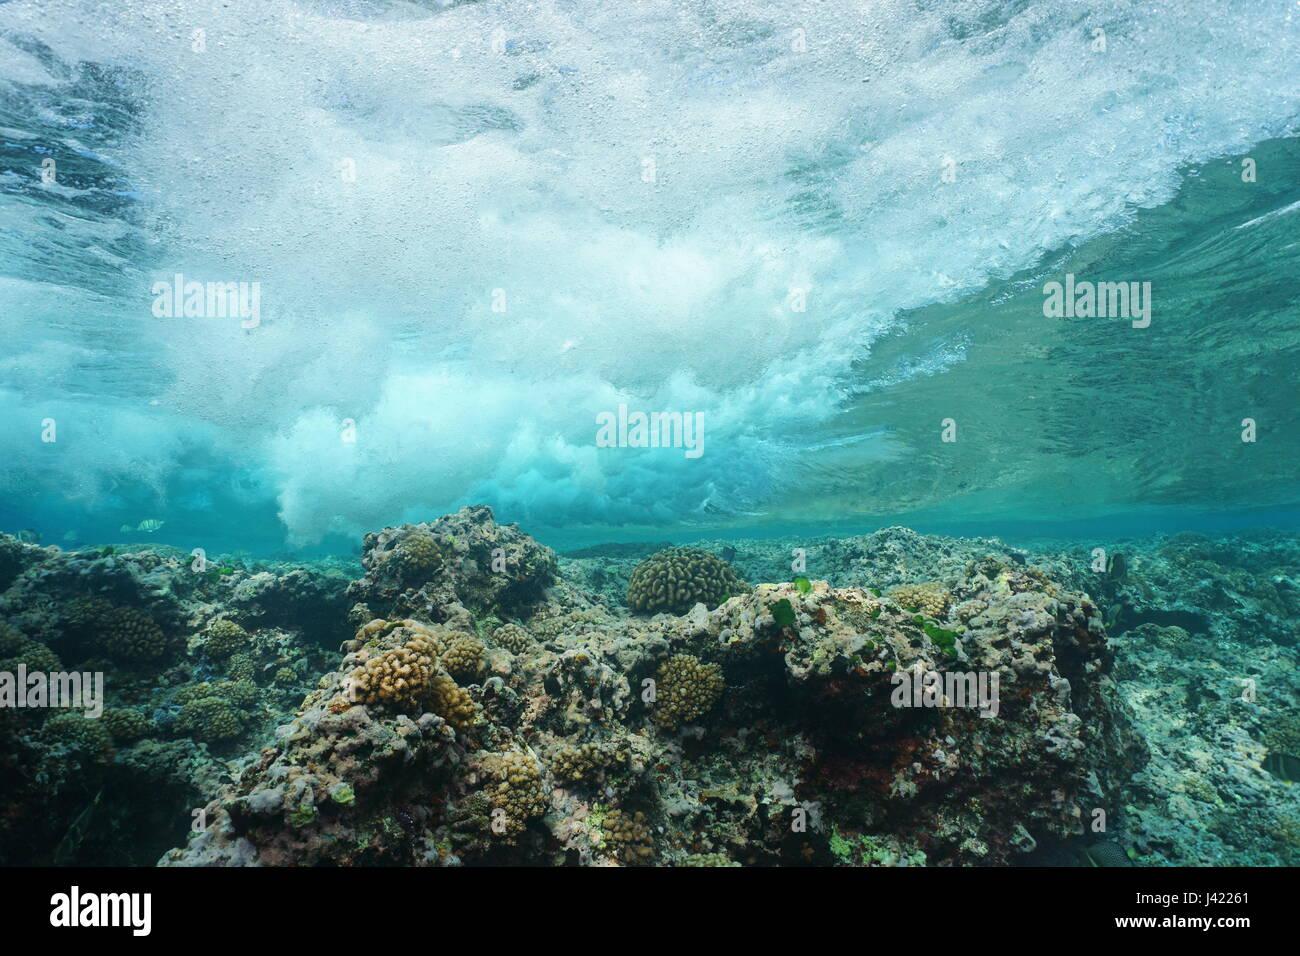 Welle bricht am Riff von Unterwasser, Pazifischen Ozean, Huahine, Gesellschaftsinseln, Französisch-Polynesien Stockbild